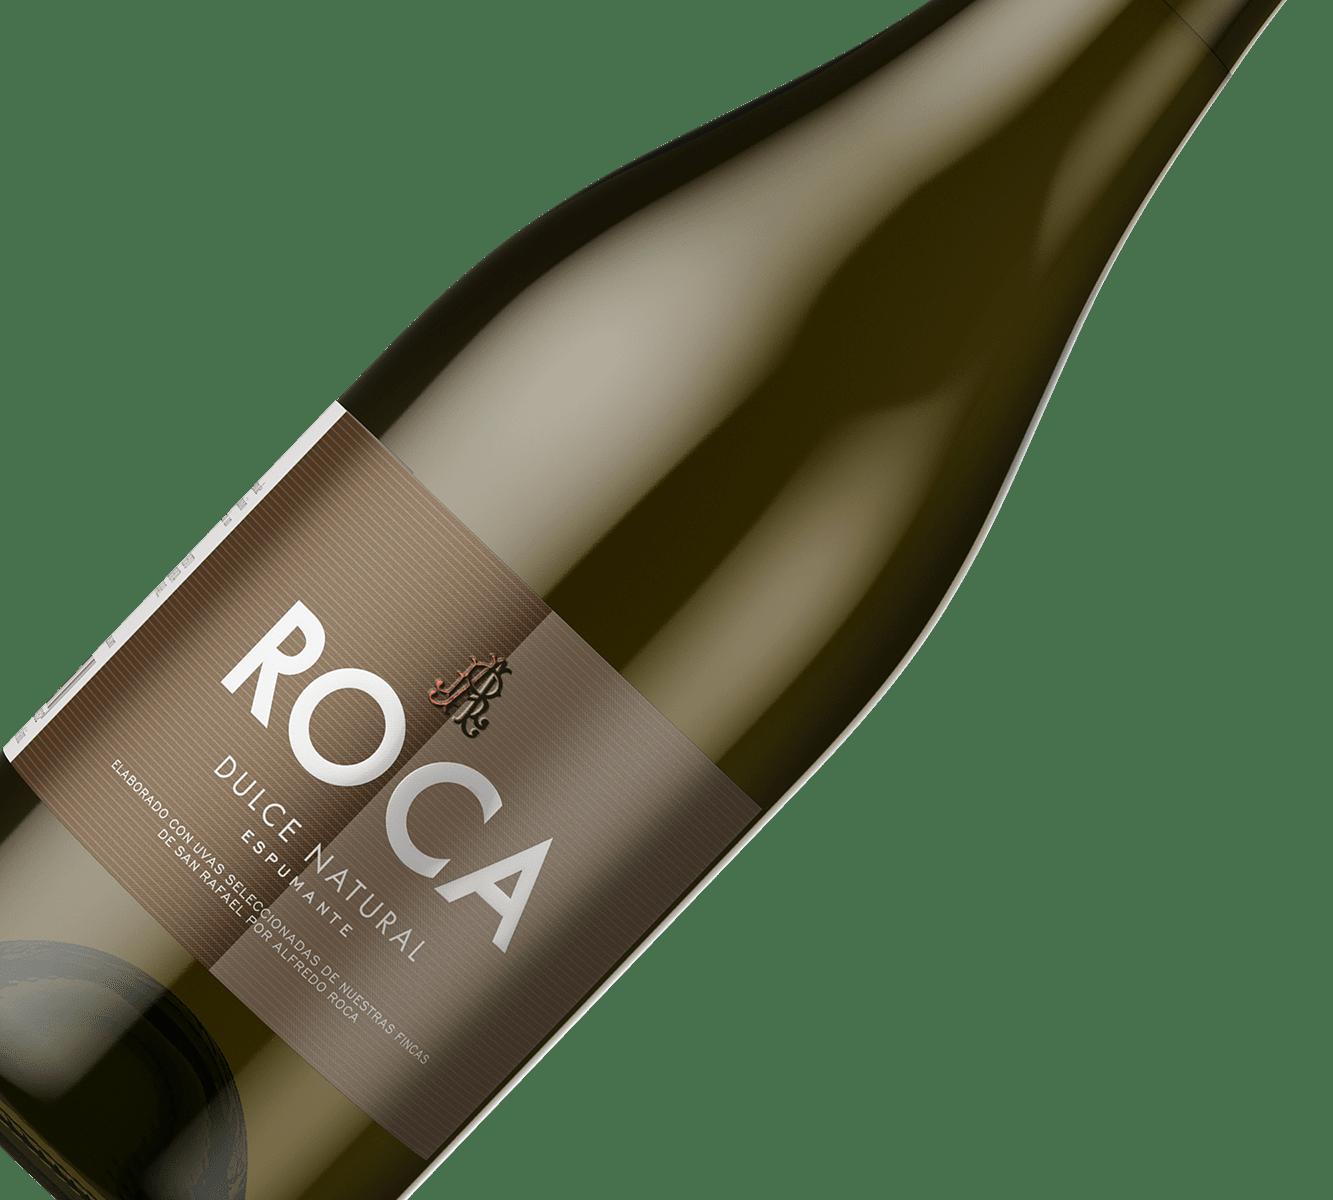 Vino Roca